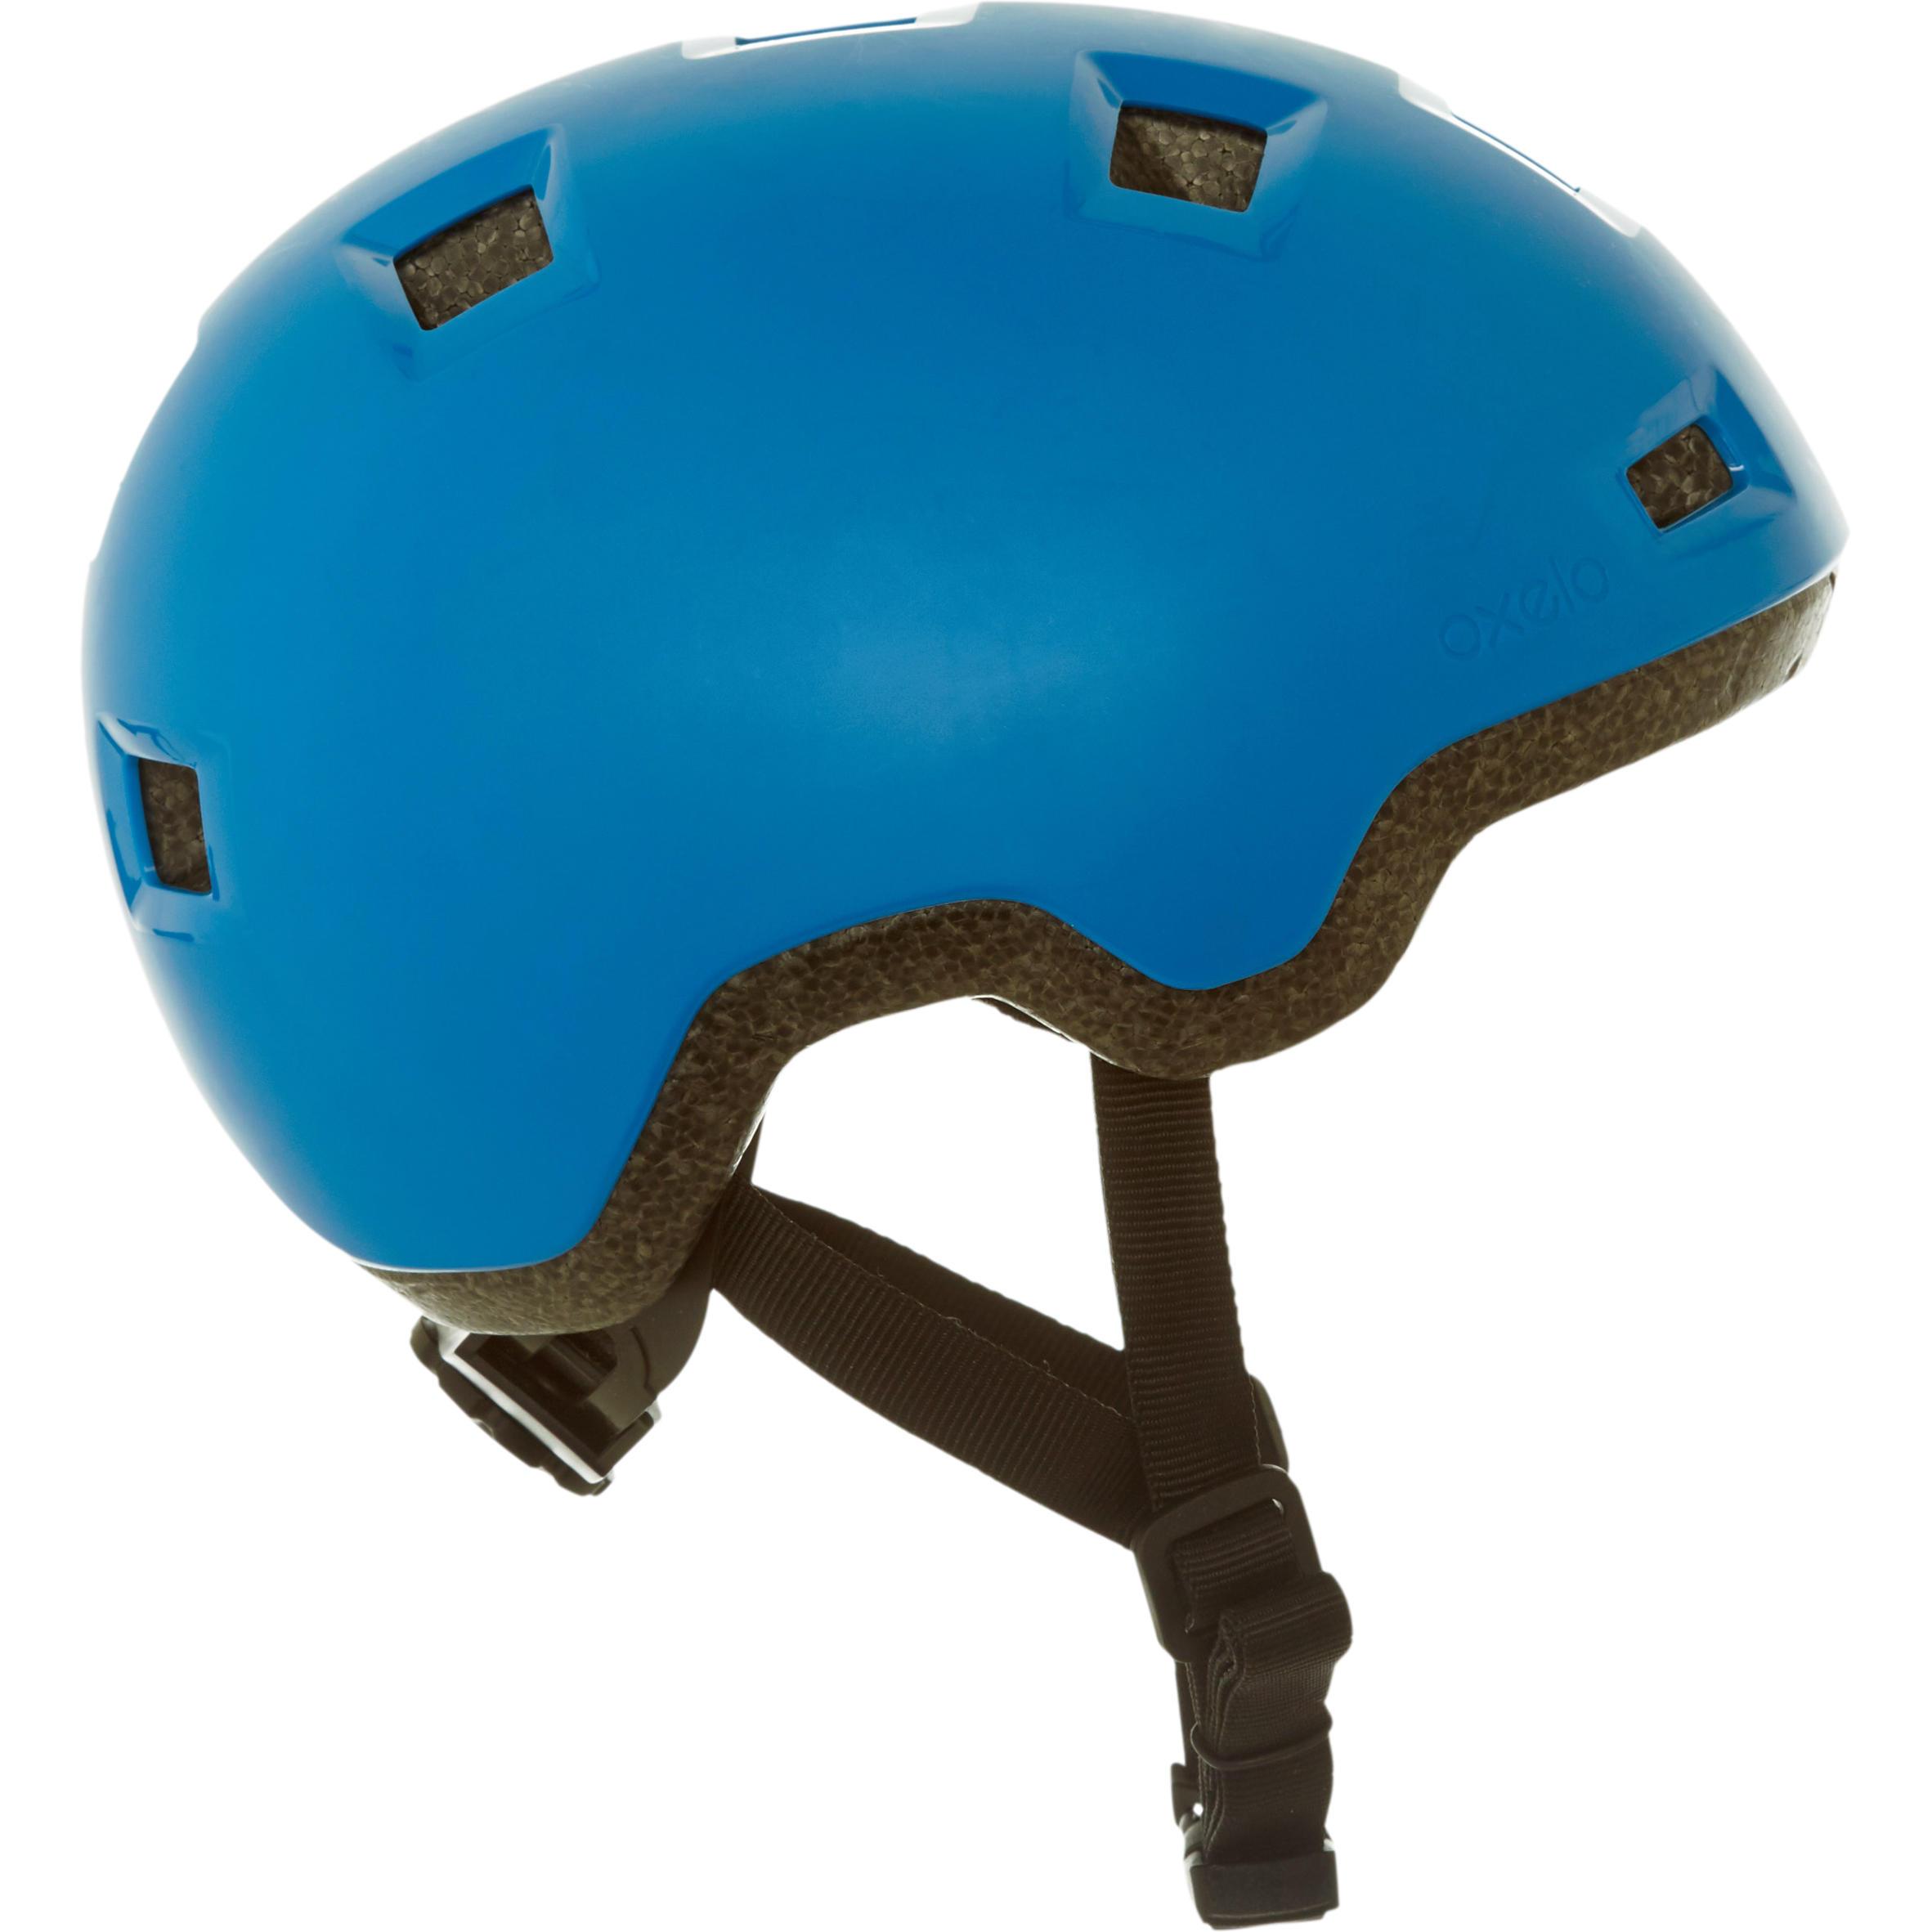 Casque patin à roues alignées, planche à roulettes, trottinette B100 bleu